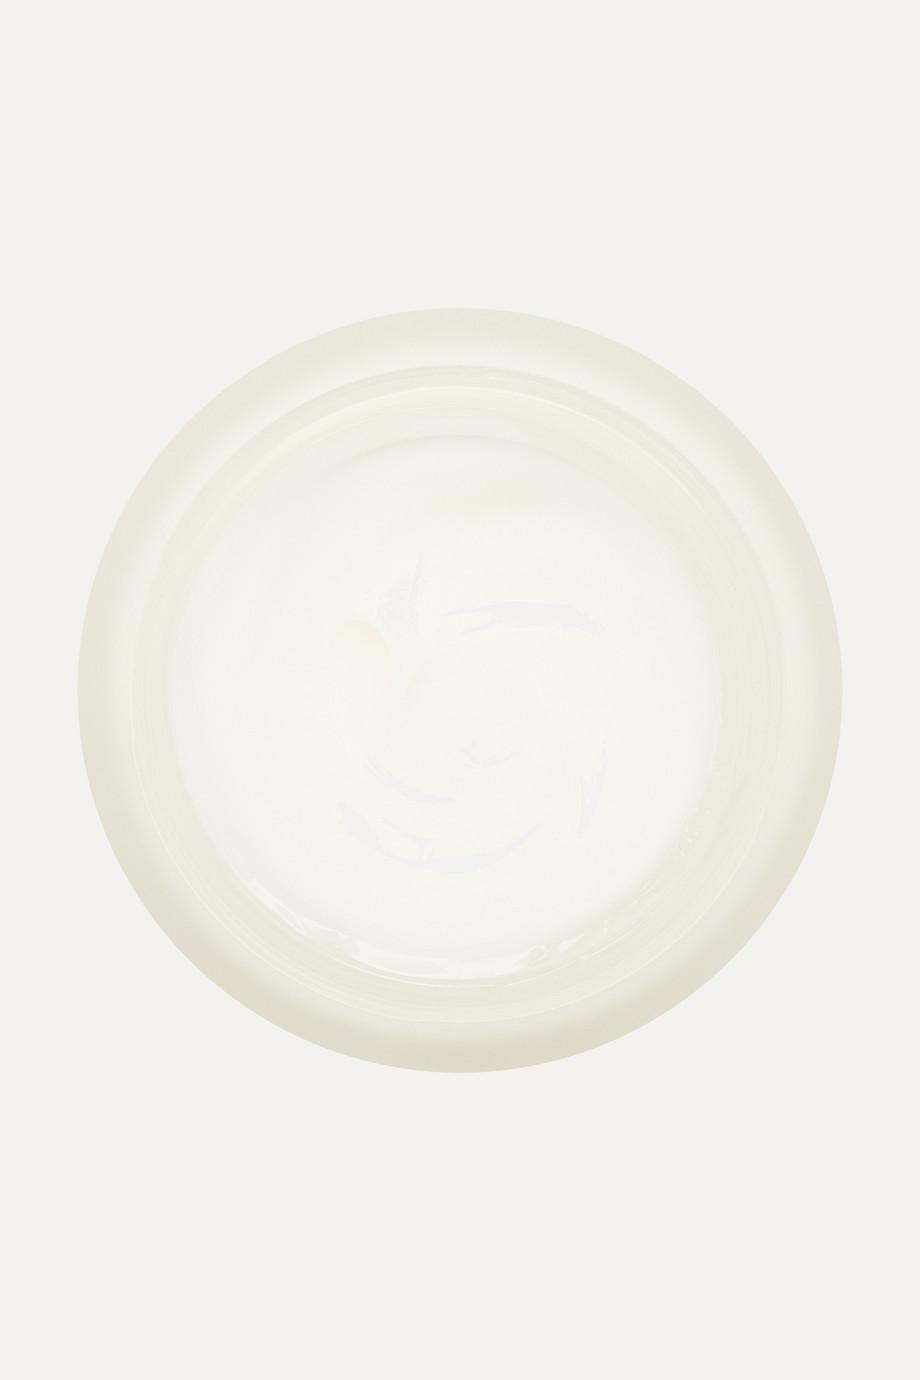 Eve Lom Brightening Cream, 50ml